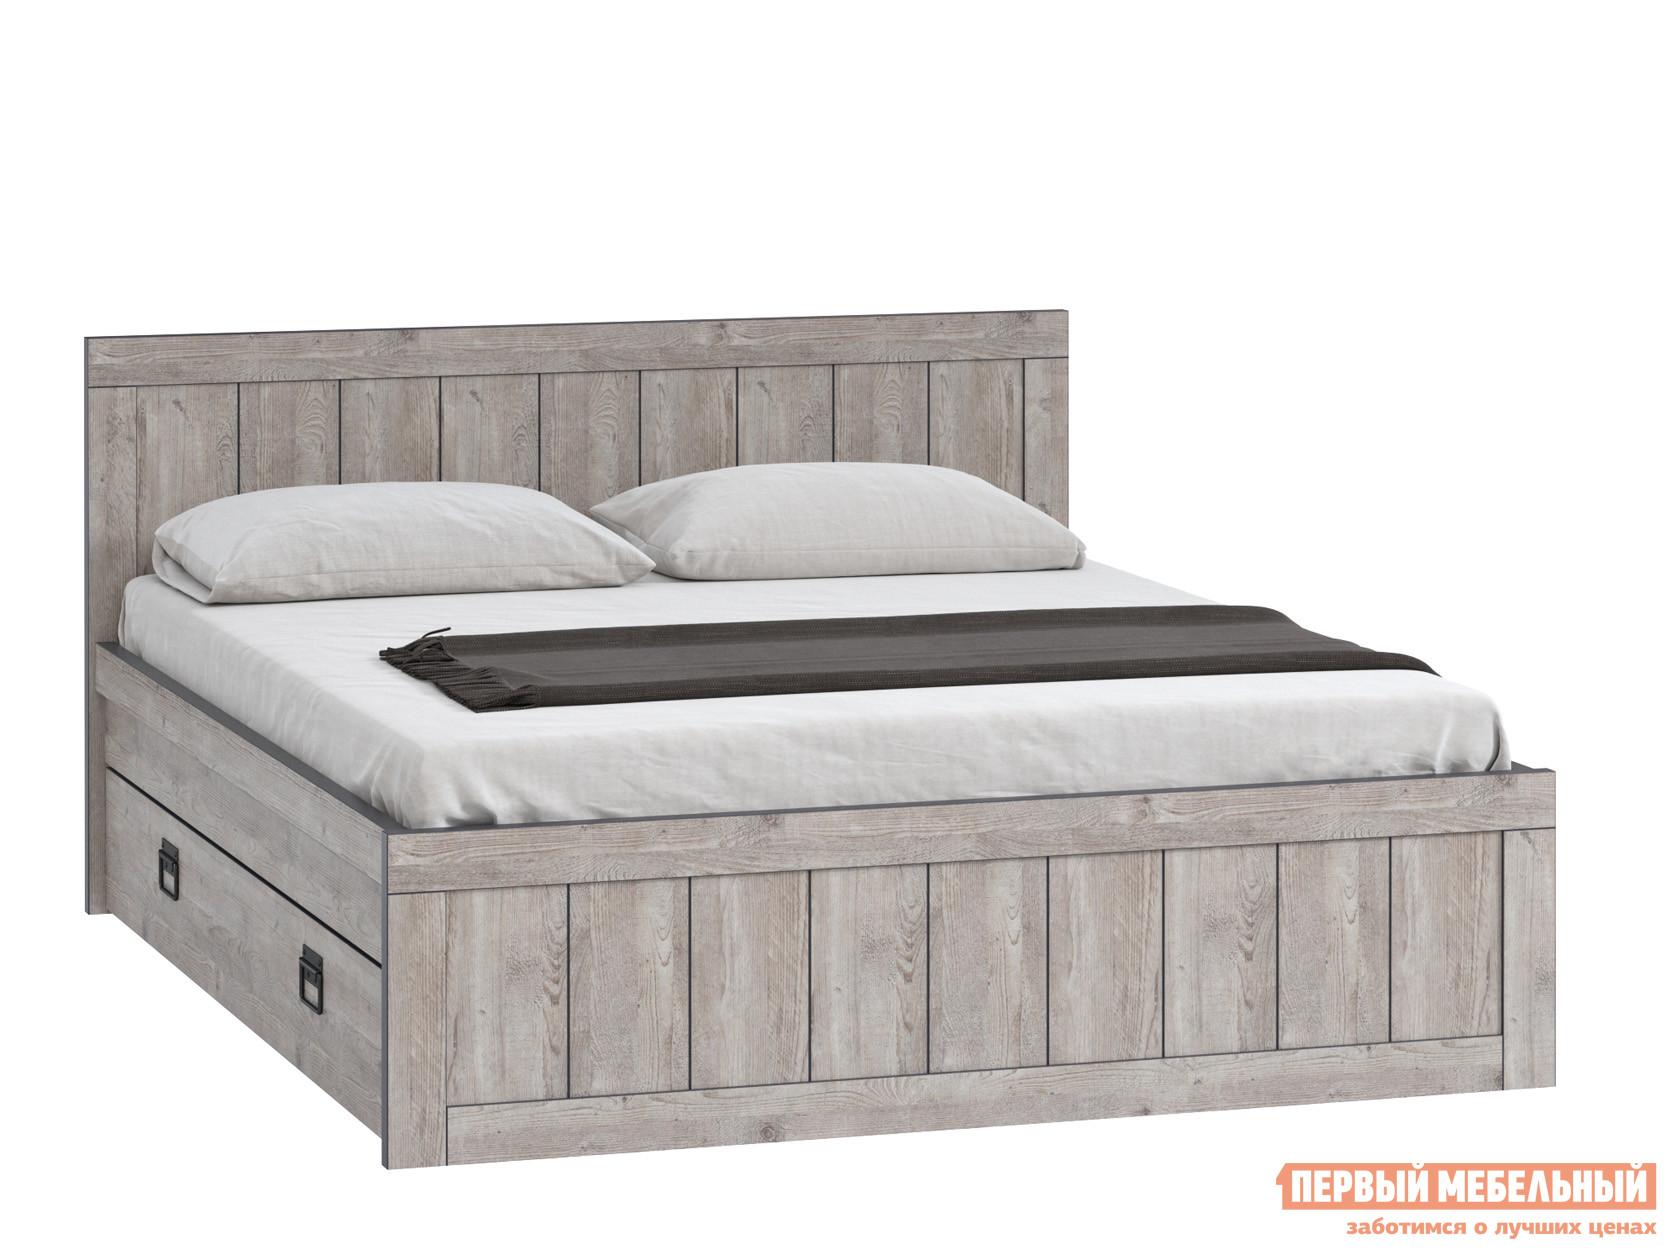 Кровать WOODCRAFT Эссен Кровать №3 с ящиками Боб Пайн, 1800 Х 2000 мм от Купистол